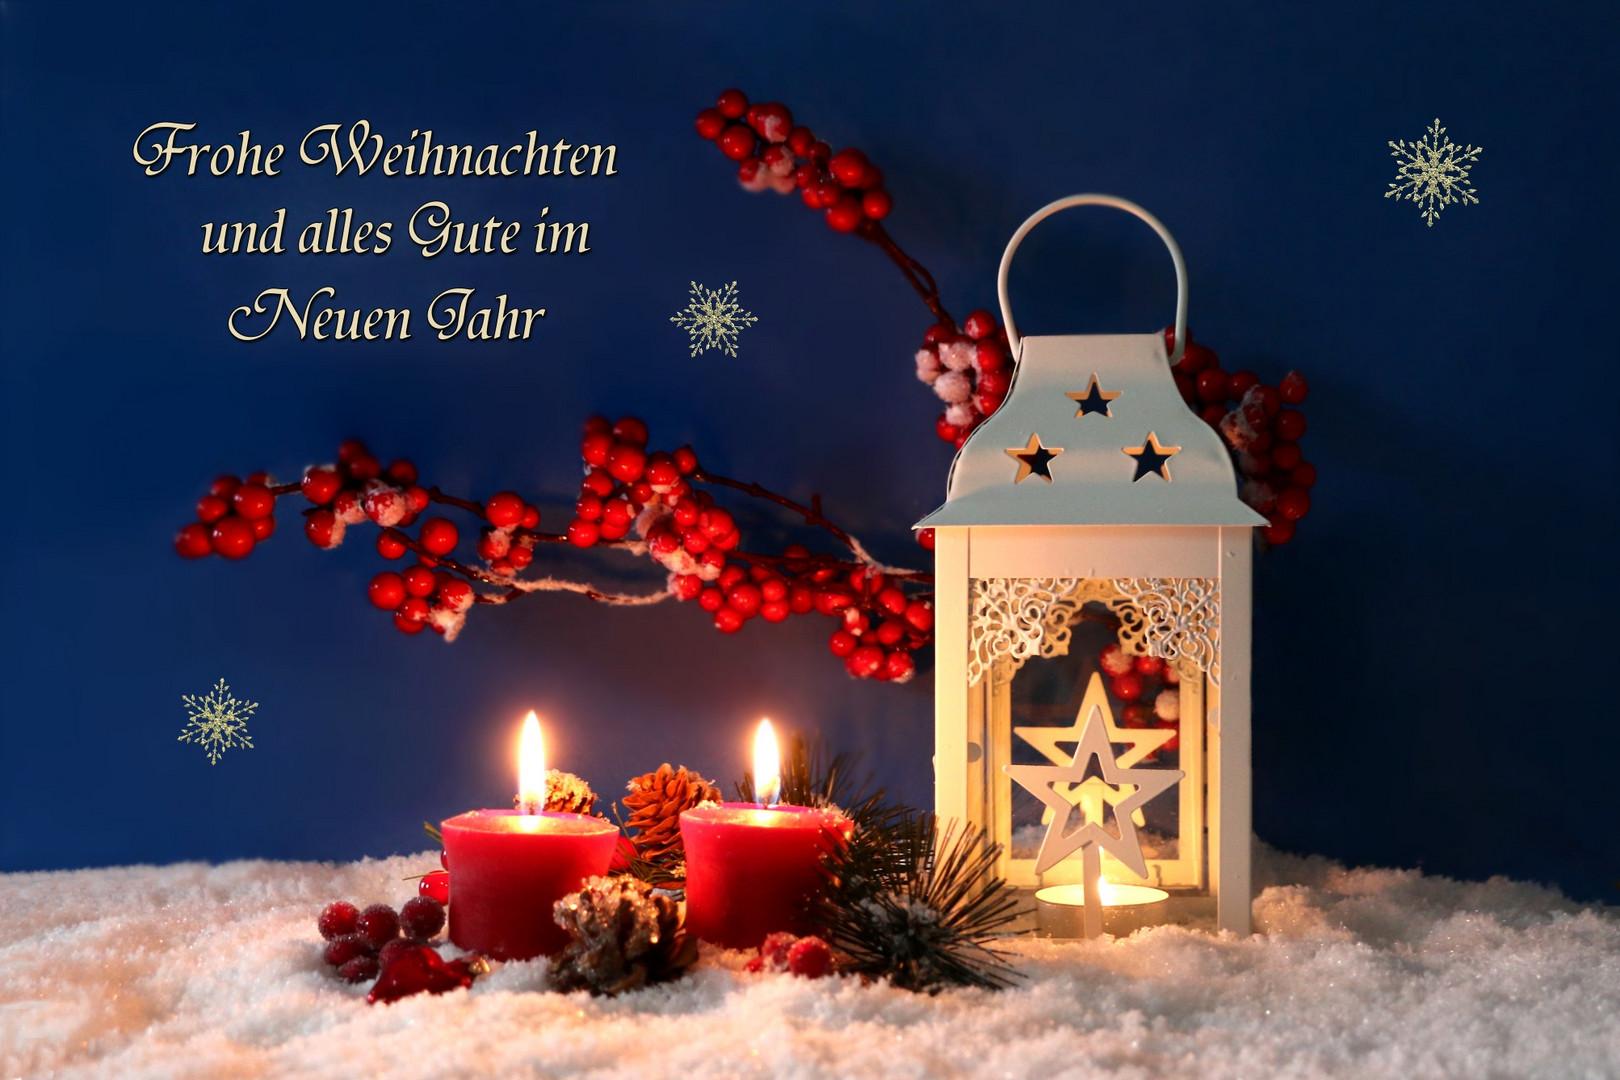 Frohe Und Gesegnete Weihnachten.Frohe Und Gesegnete Weihnachten Foto Bild Weihnachten Laterne